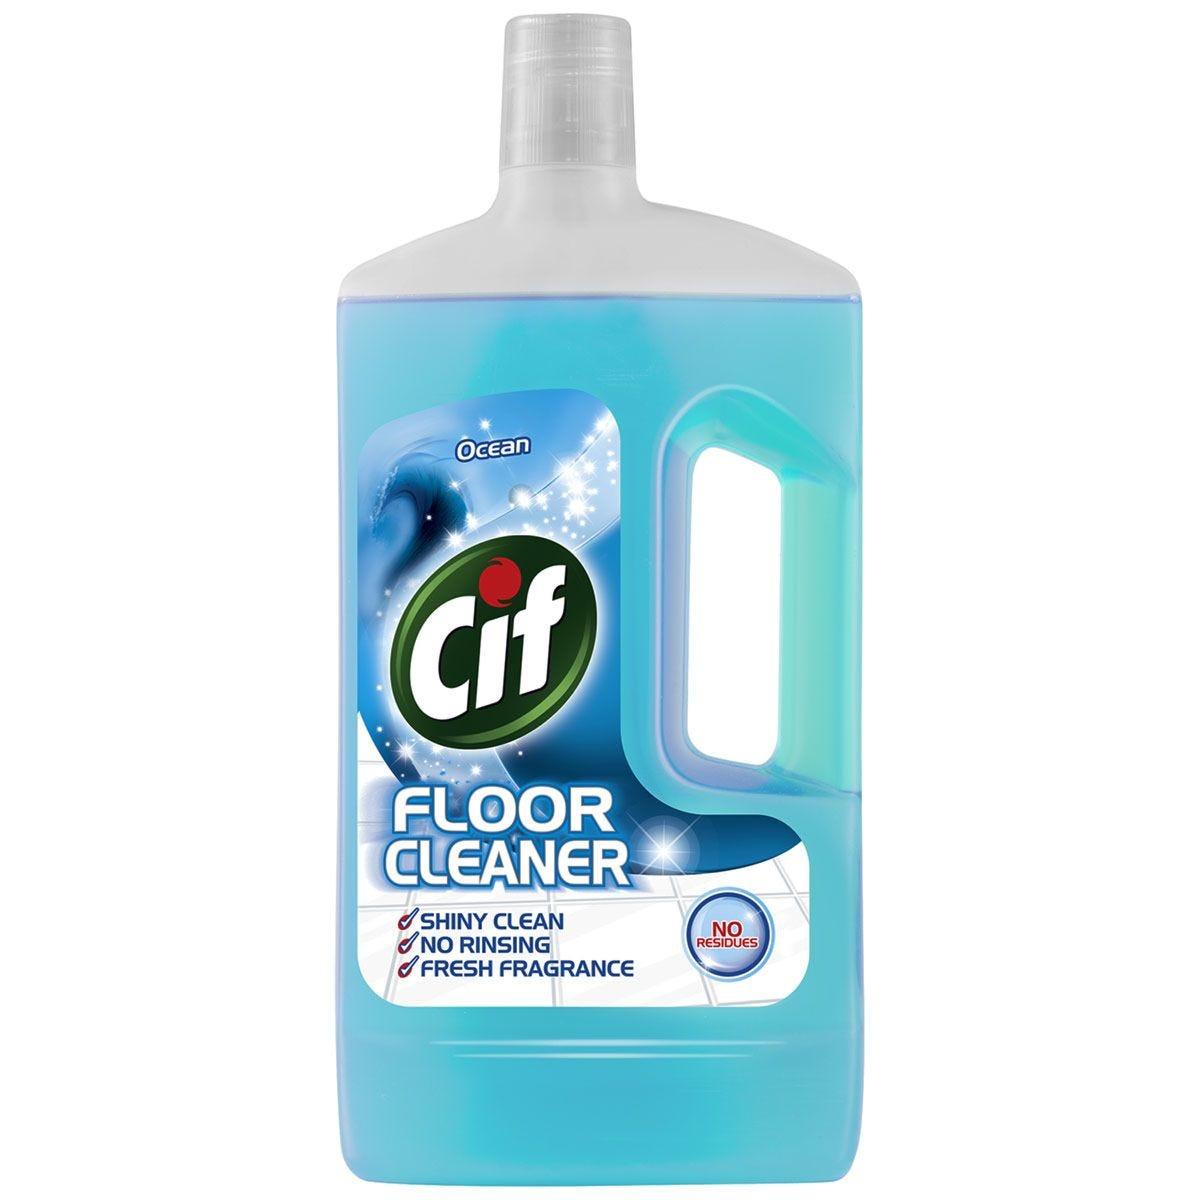 Cif Ocean Floor Cleaner - 950ml